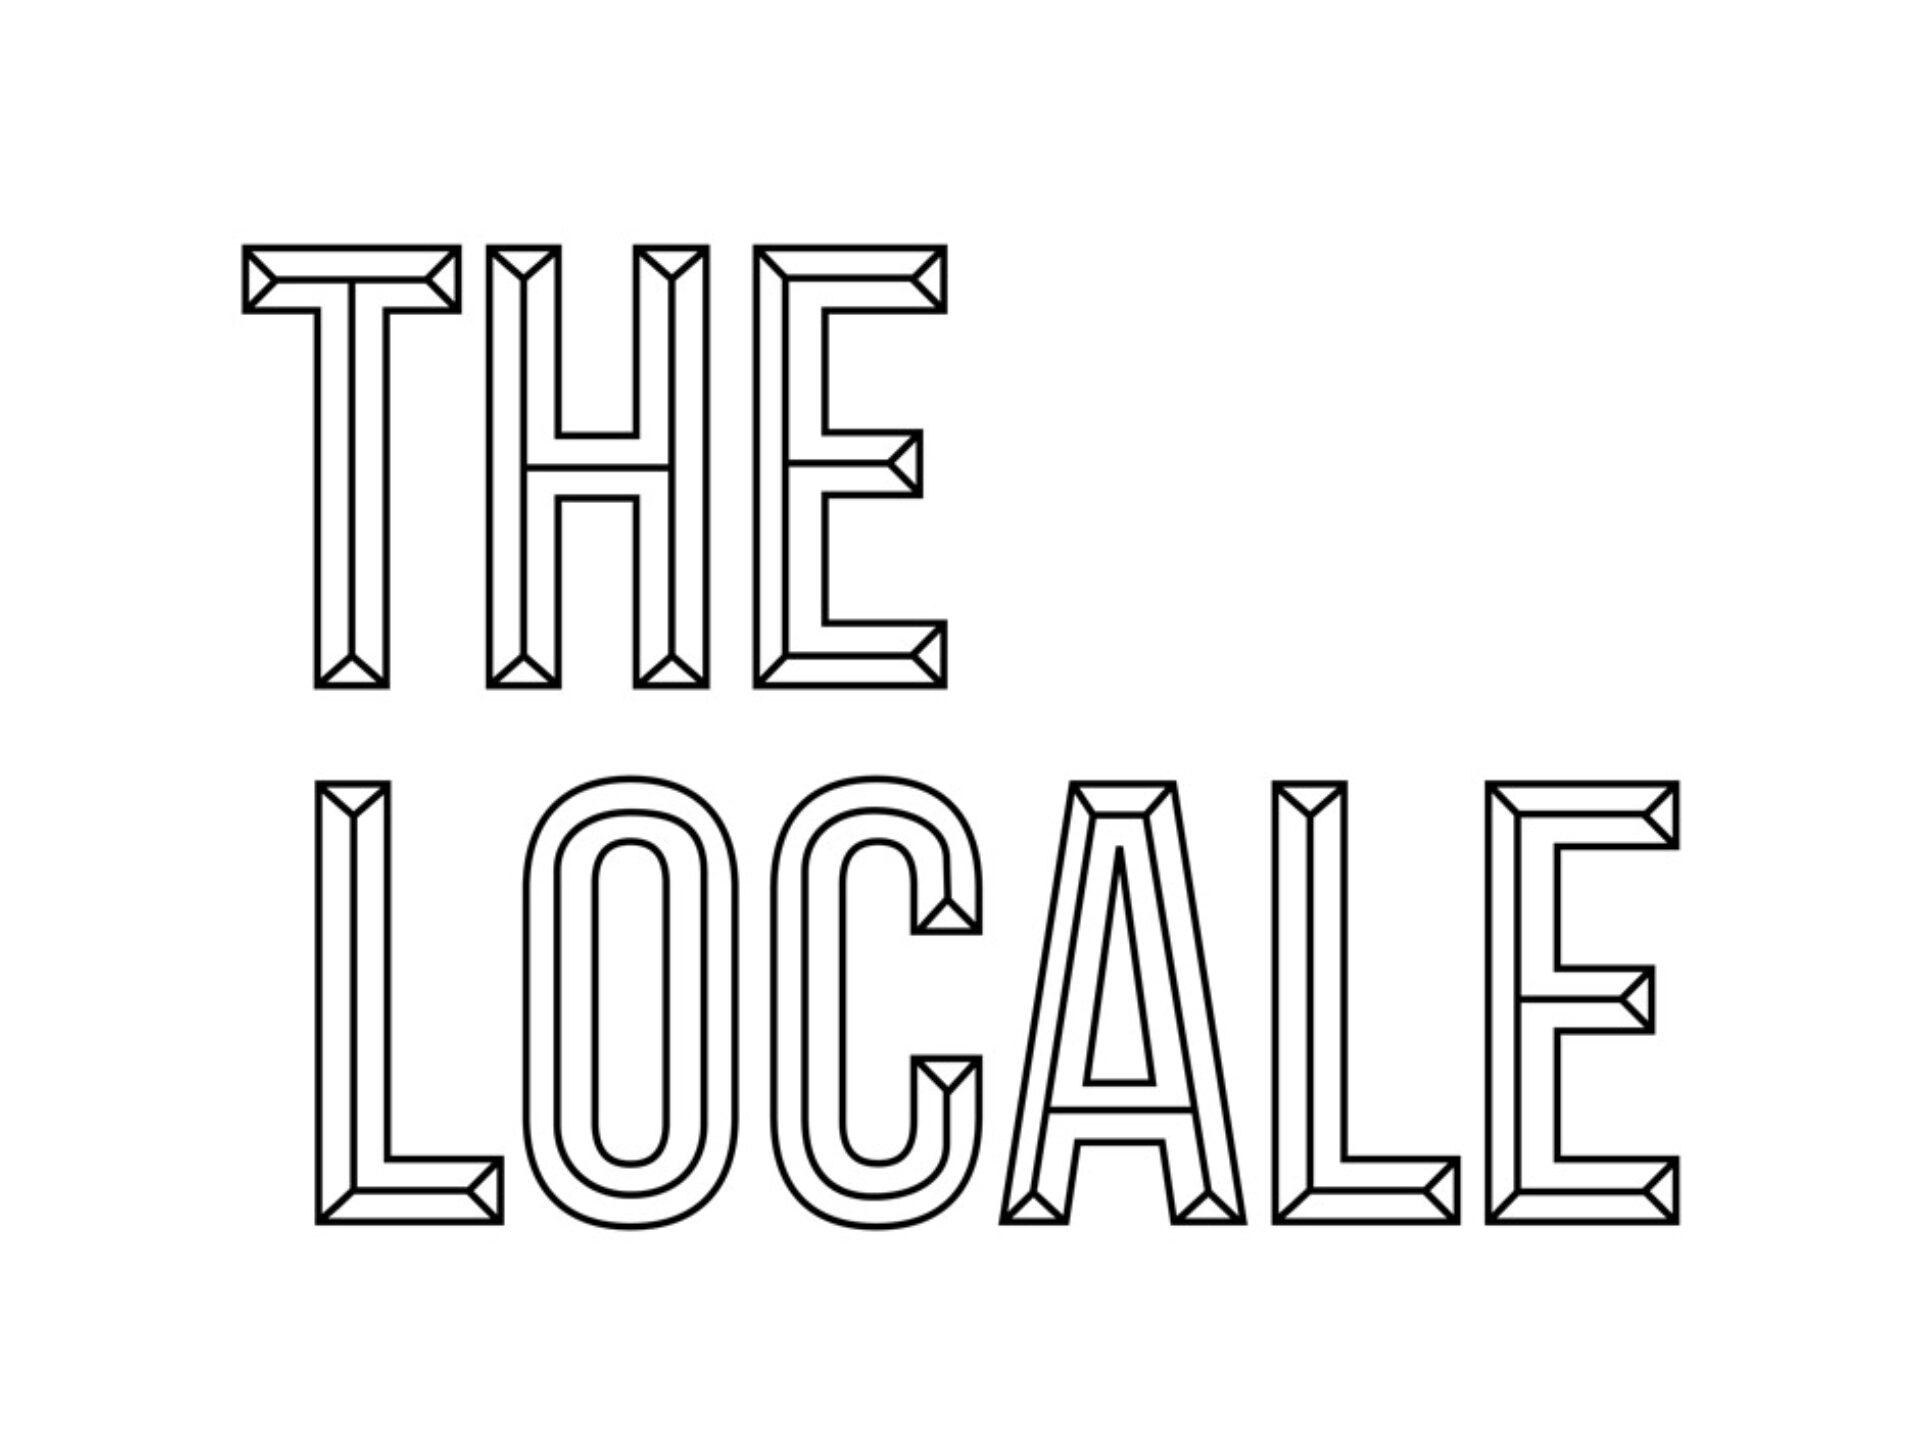 The locale 01